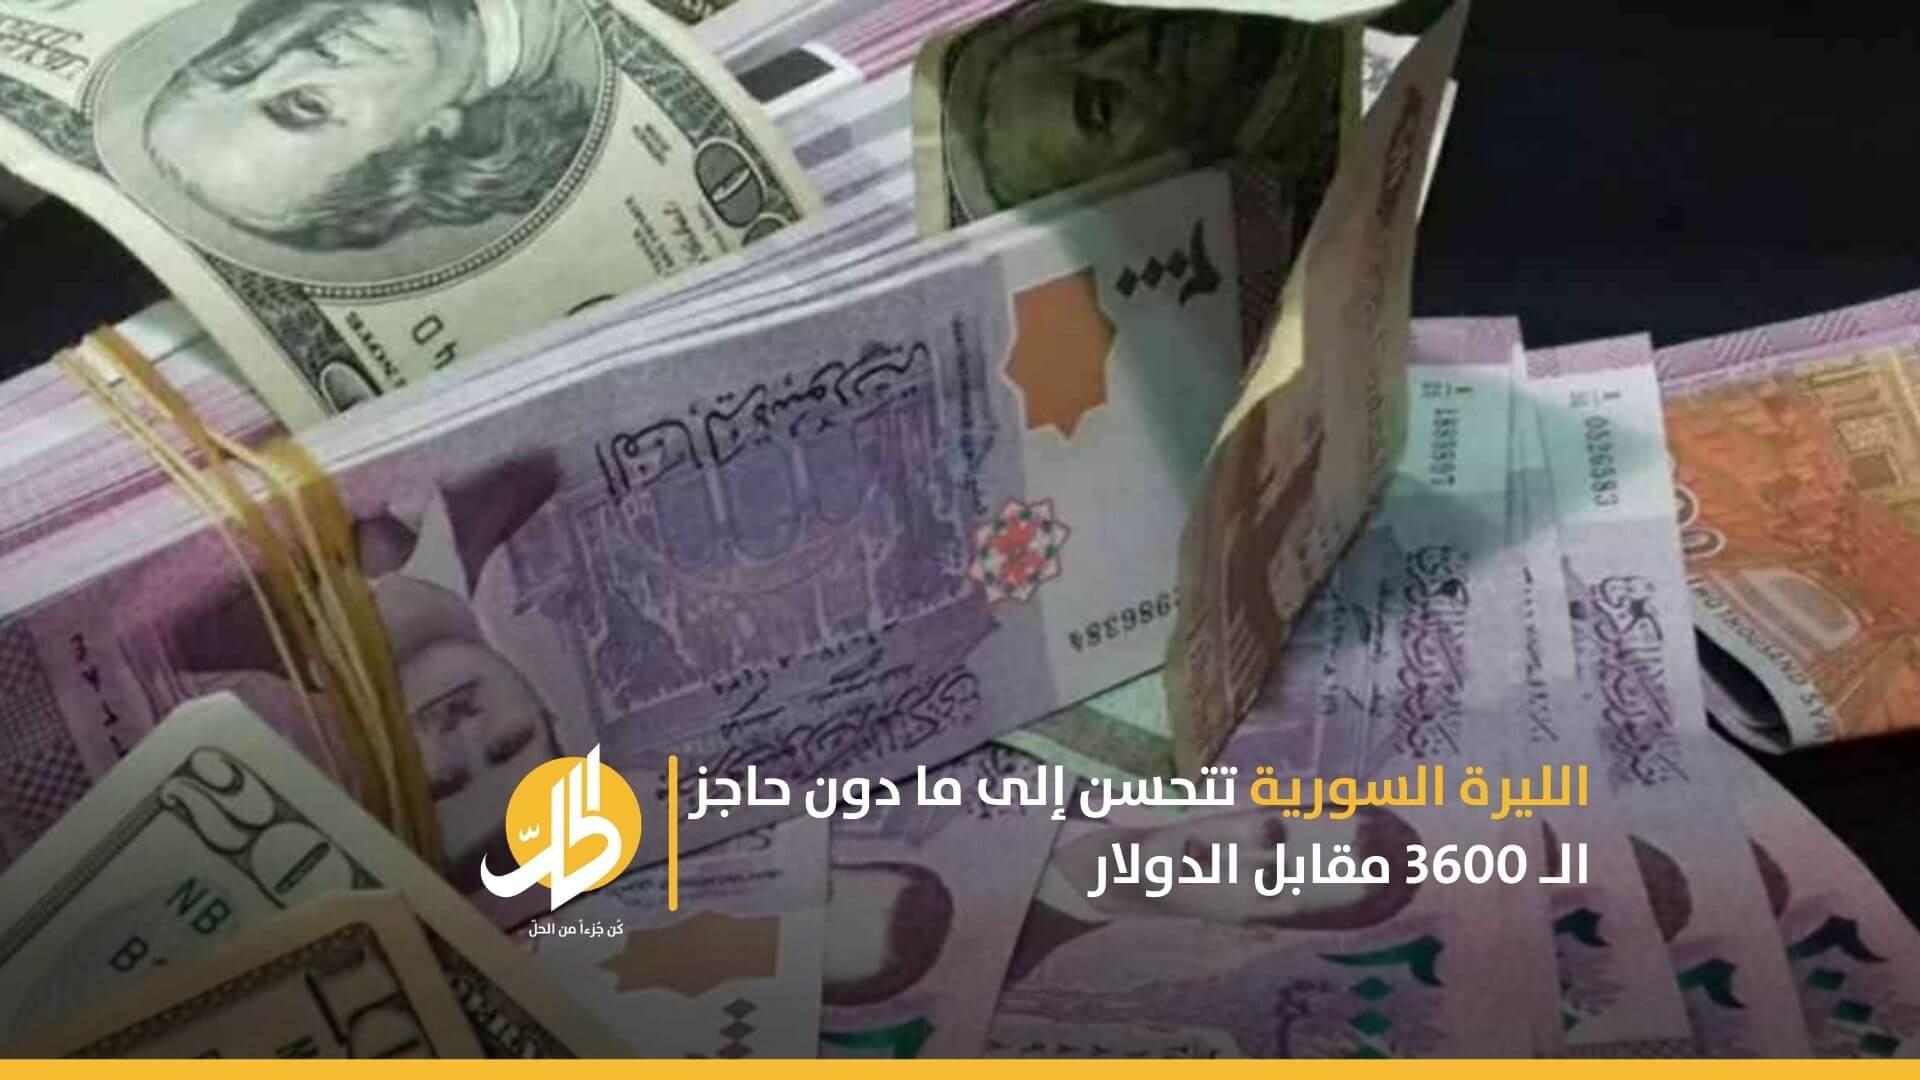 الليرة السورية تتحسن إلى ما دون حاجز الـ 3600 مقابل الدولار